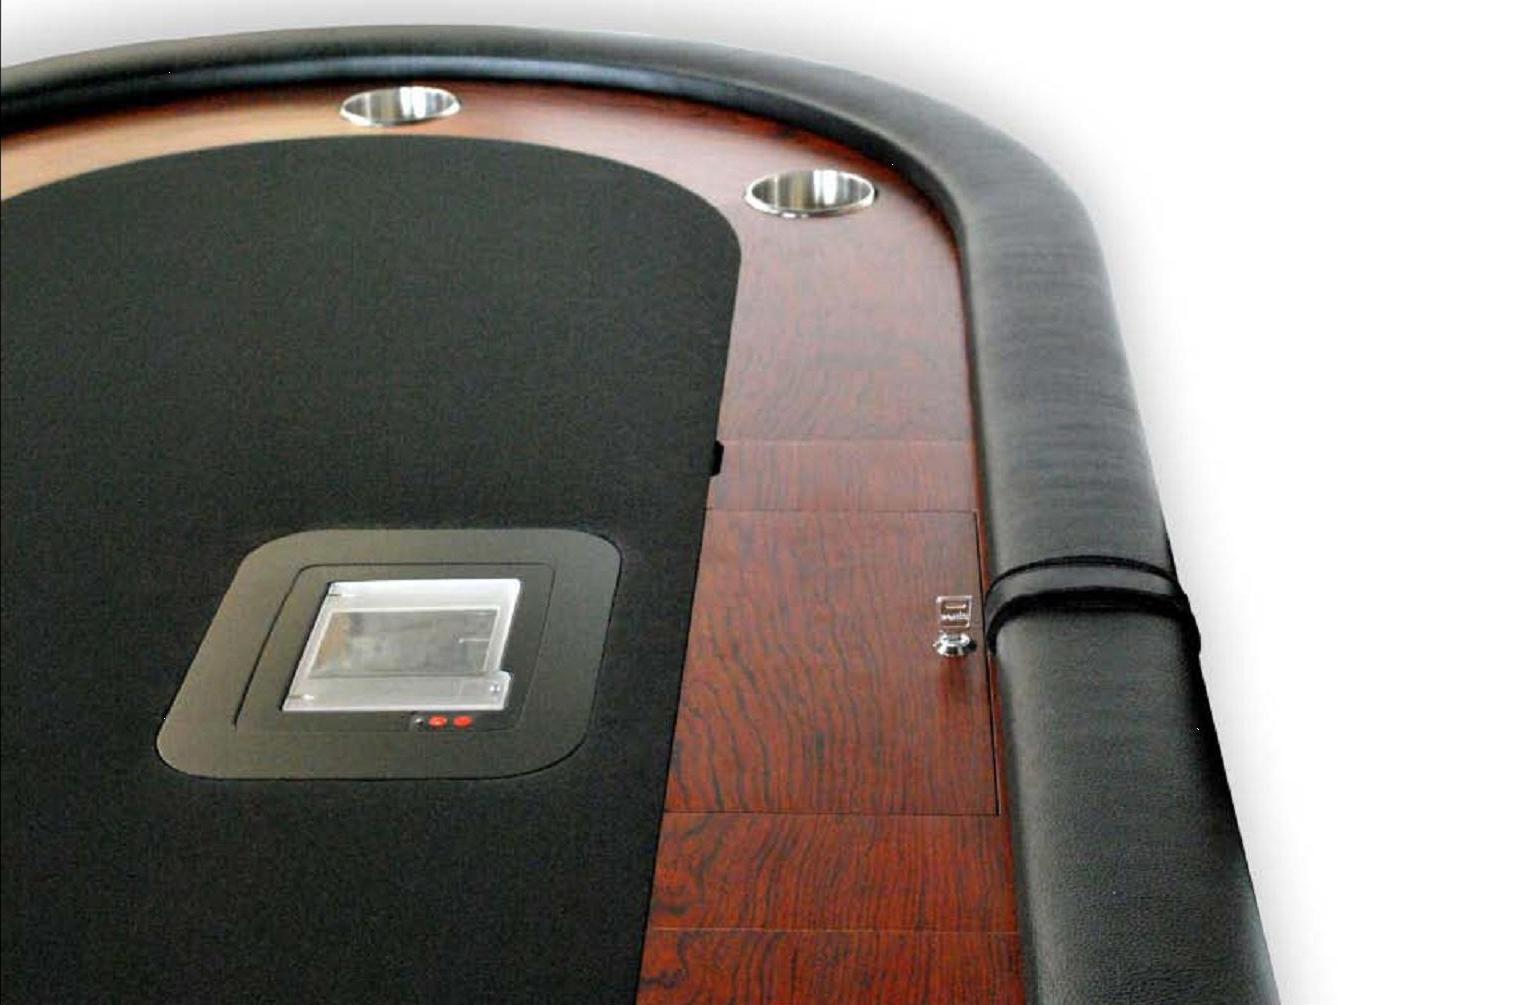 Mesa de poker oval caiman tradicion negra sitio croupier for Mesas de poker segunda mano